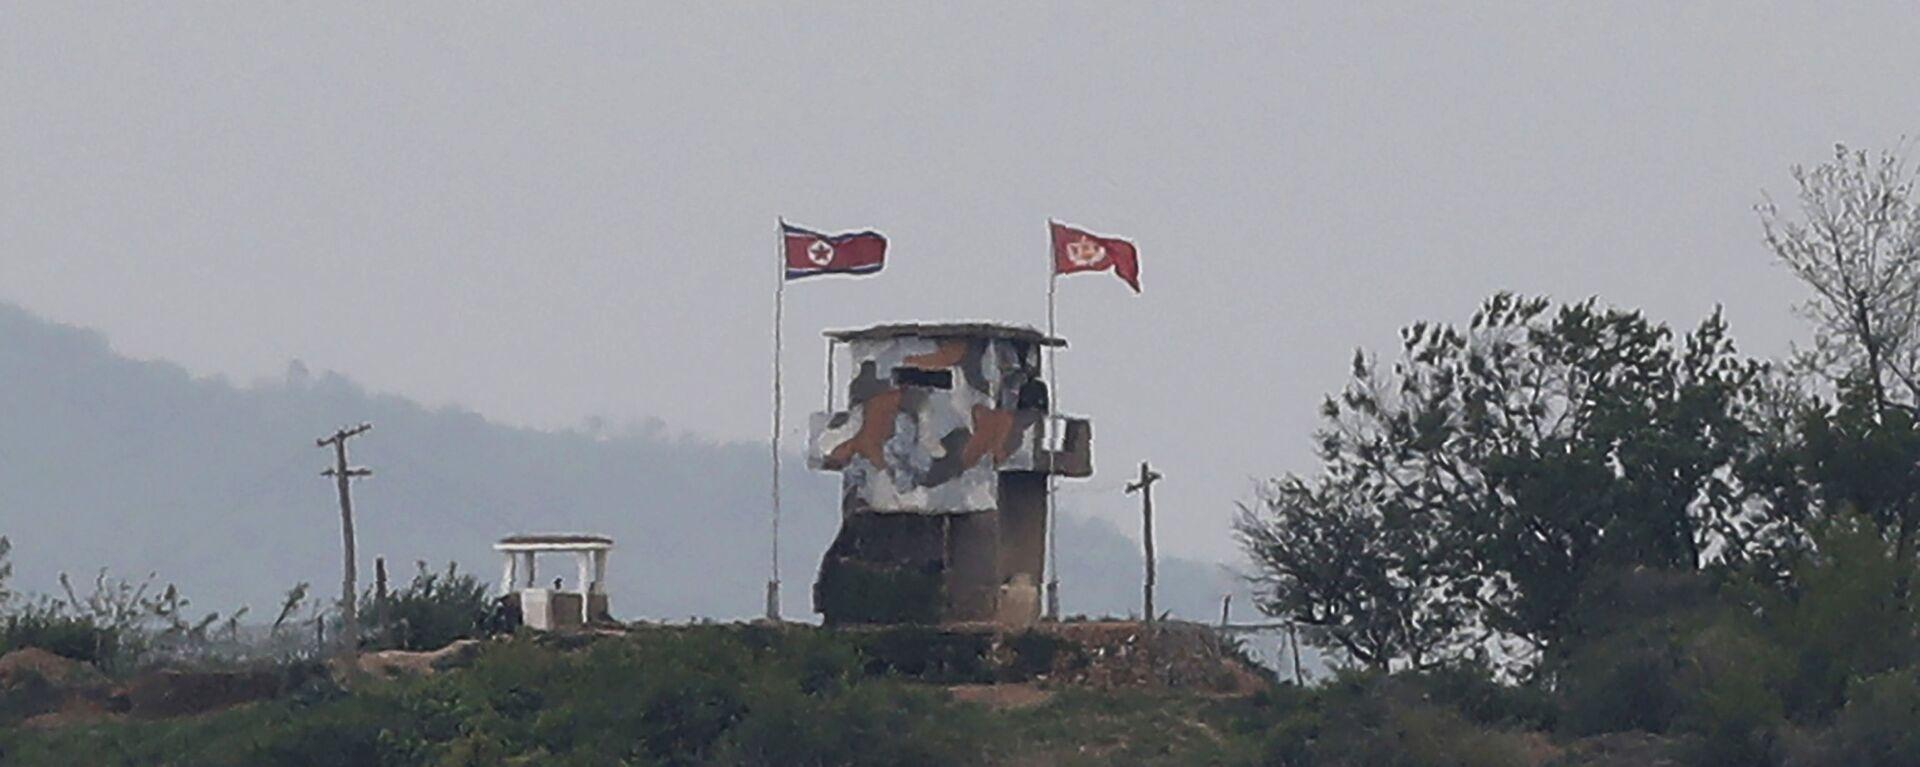 Vlajka KLDR na hranici s Jižní Koreou - Sputnik Česká republika, 1920, 27.07.2021